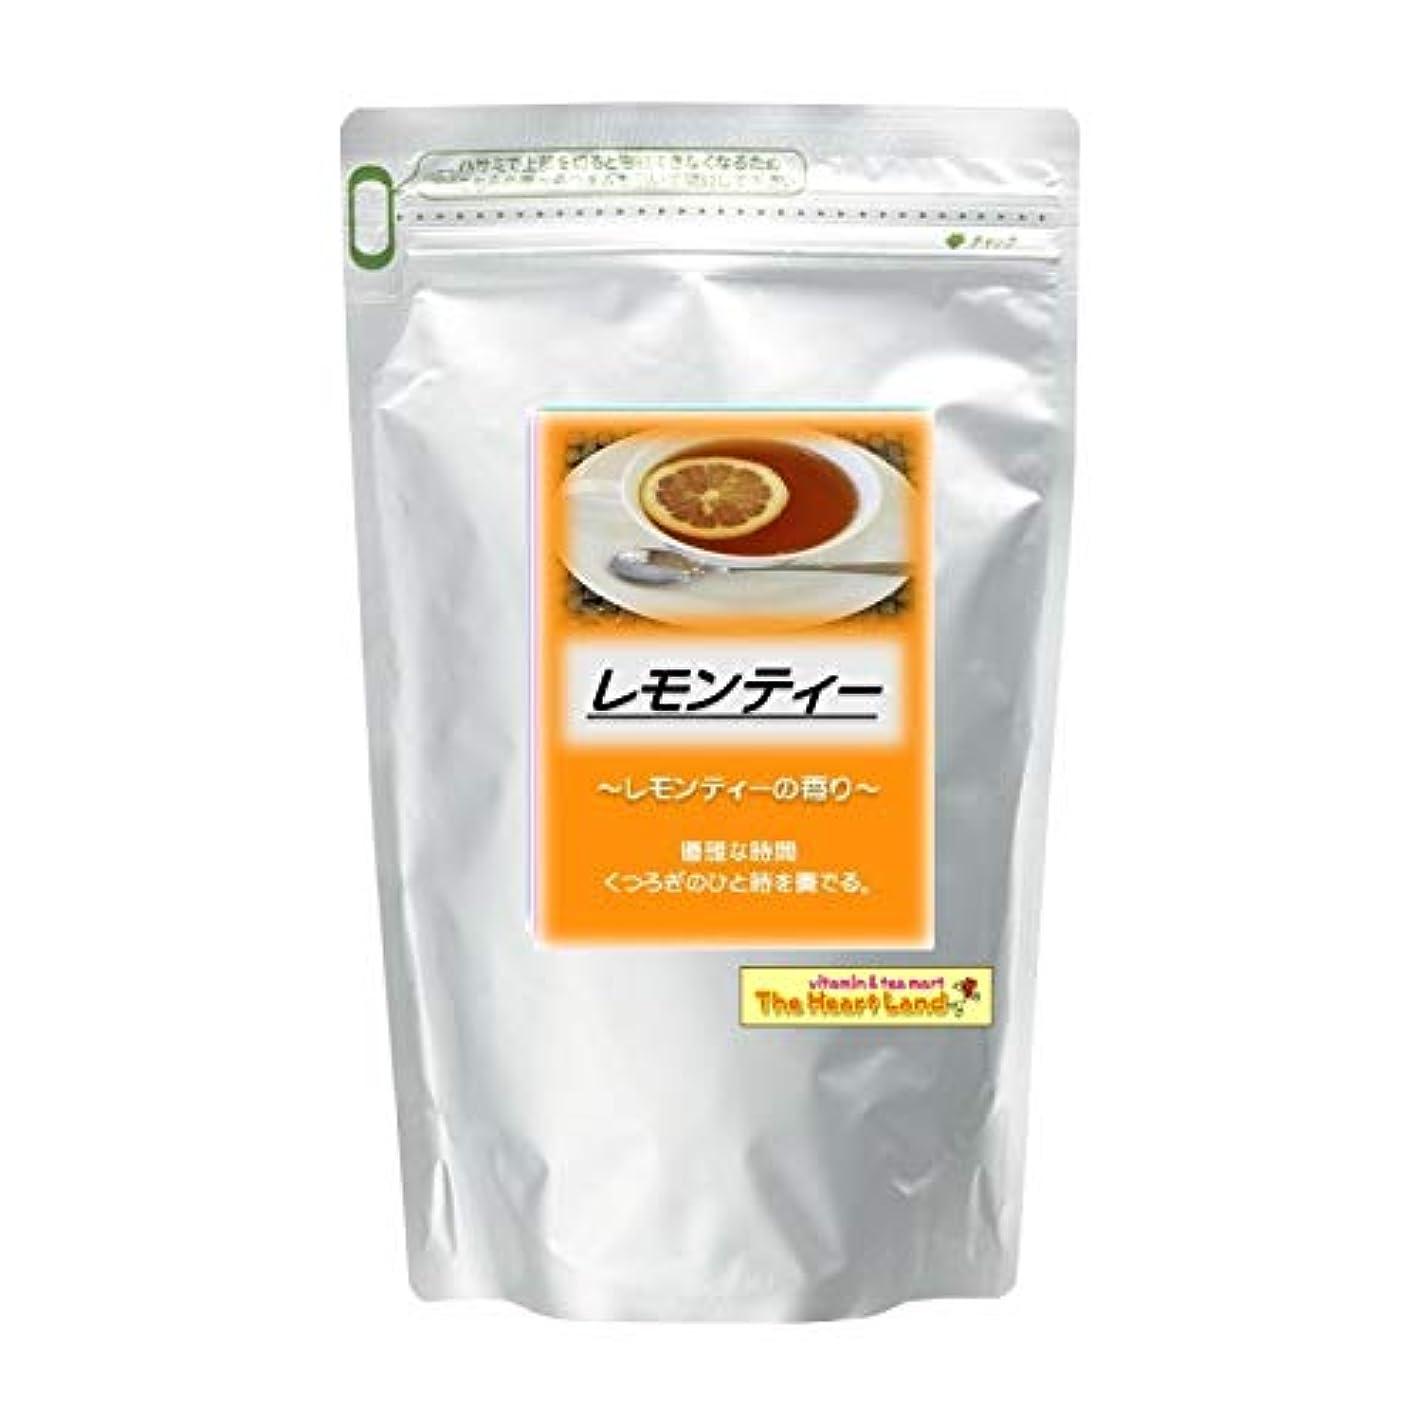 侵入冬幅アサヒ入浴剤 浴用入浴化粧品 レモンティー 2.5kg